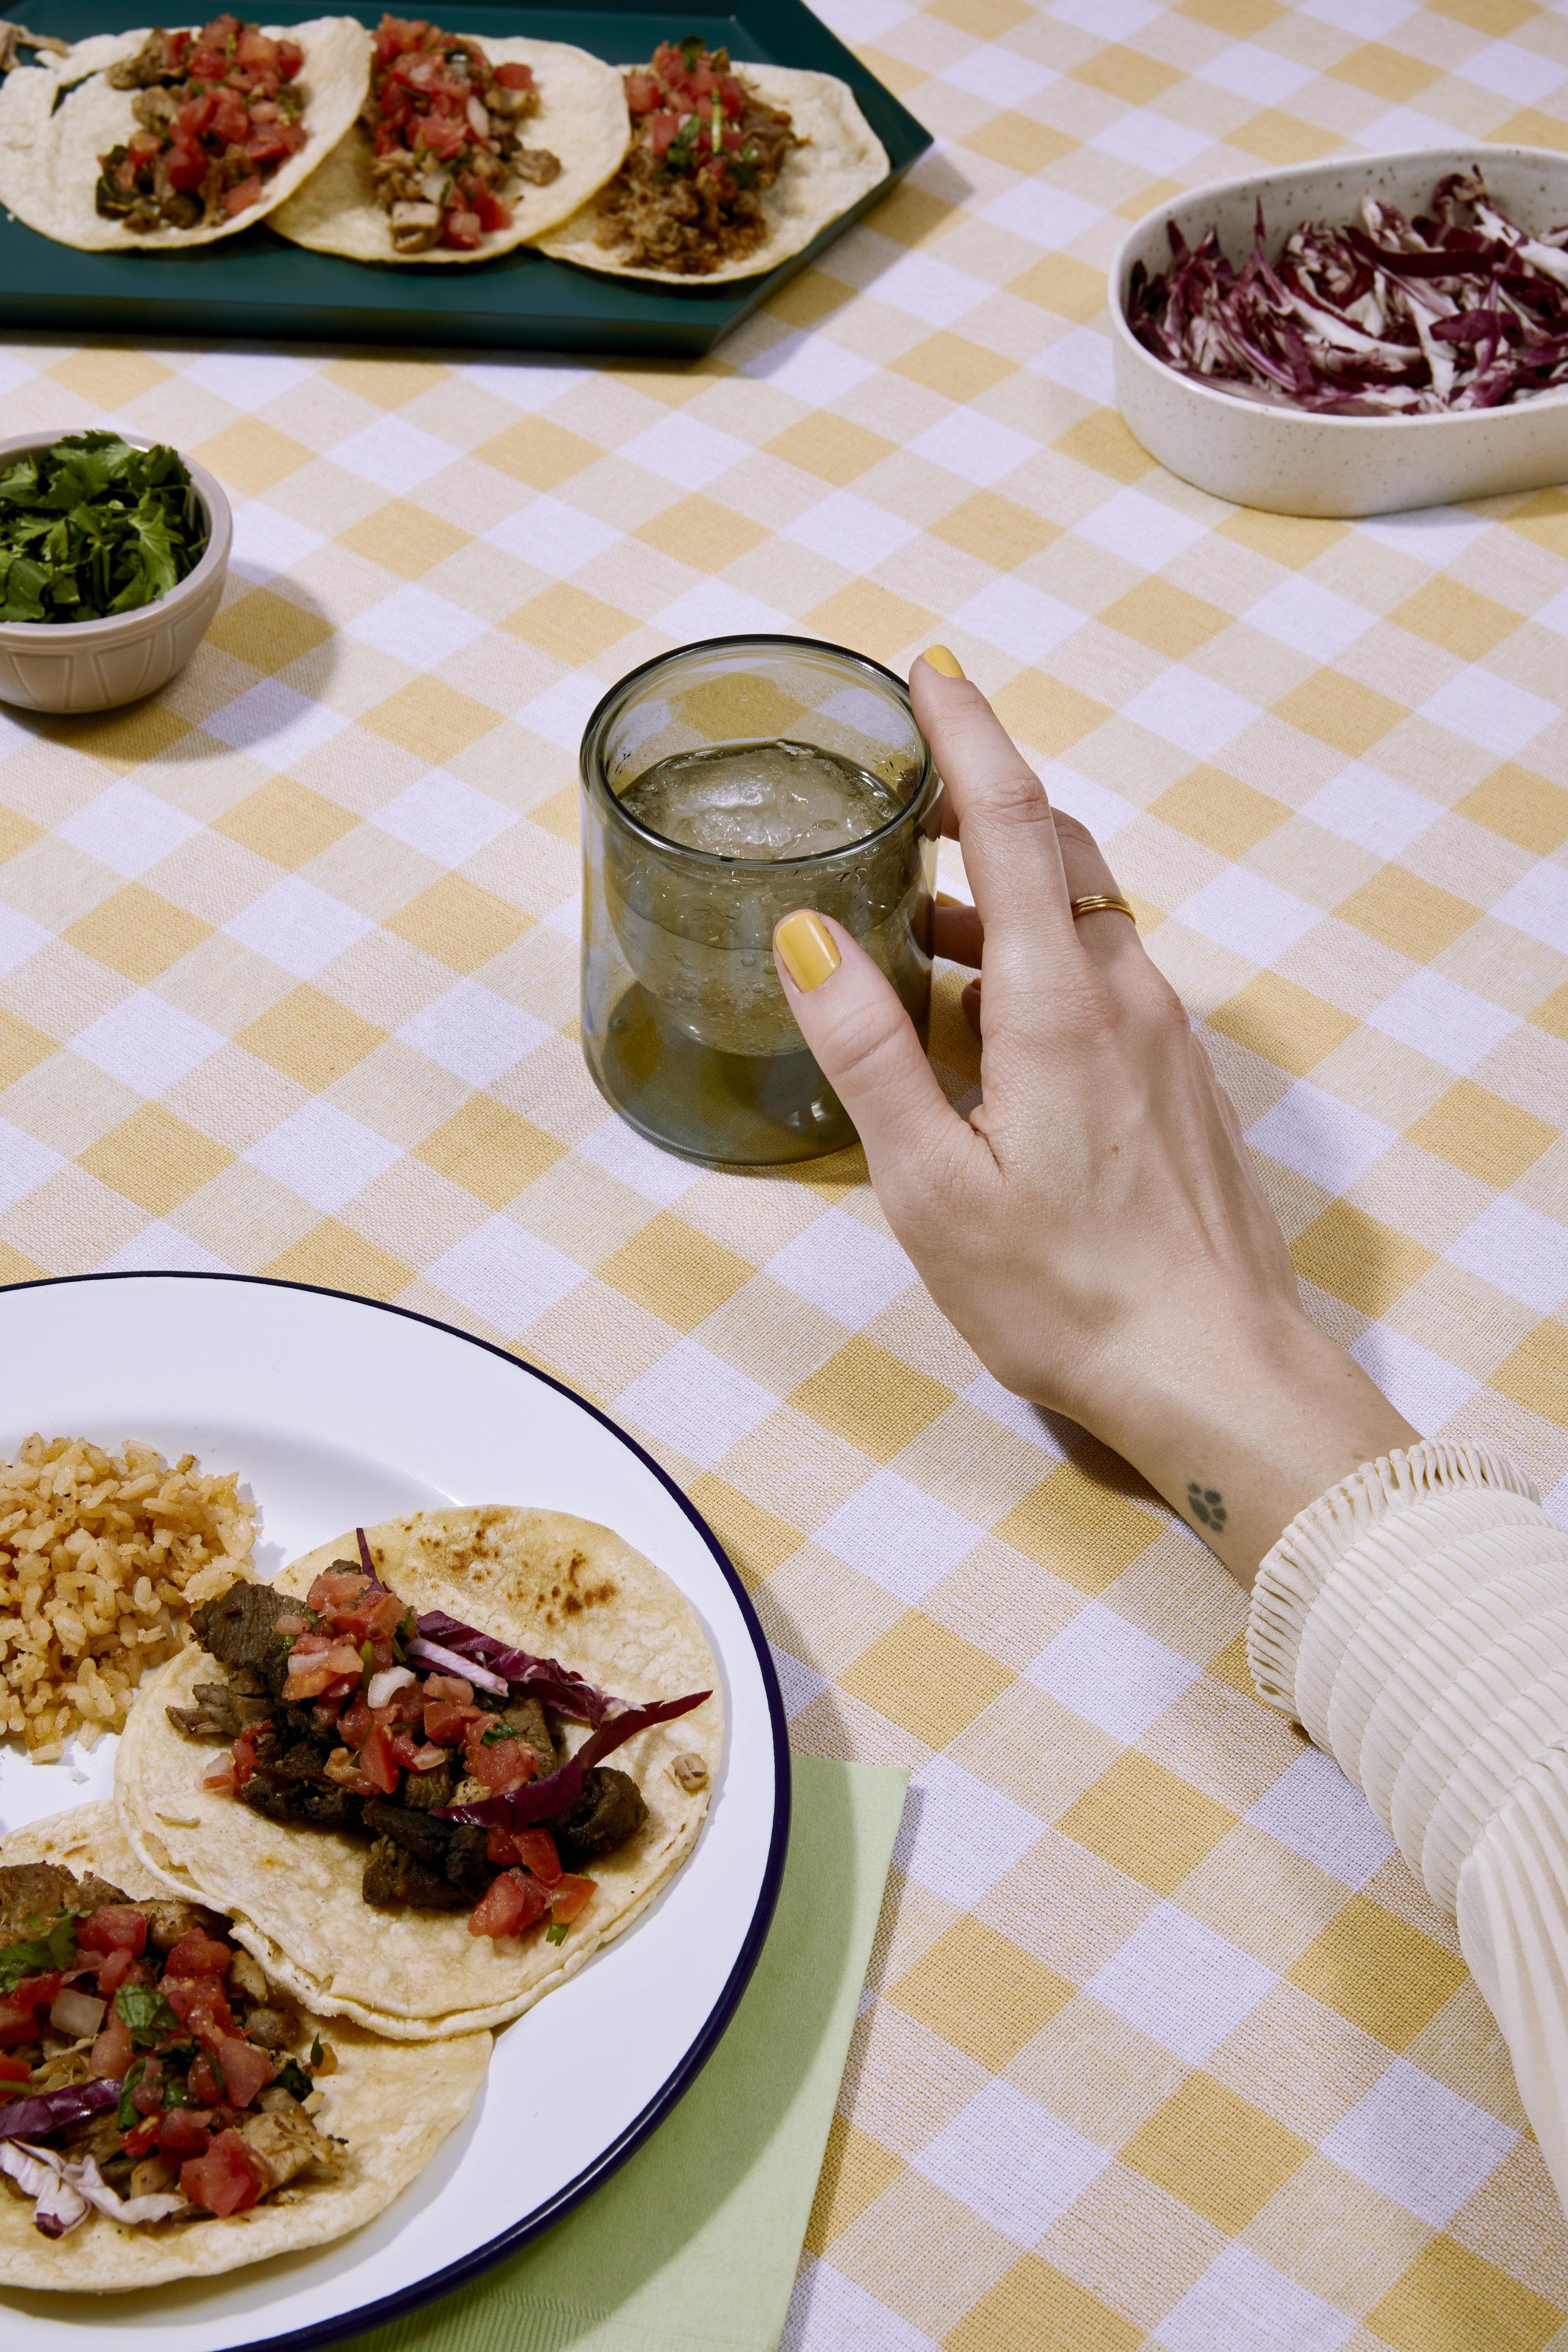 L205c_0518_Finger_On_Glass_013.jpg